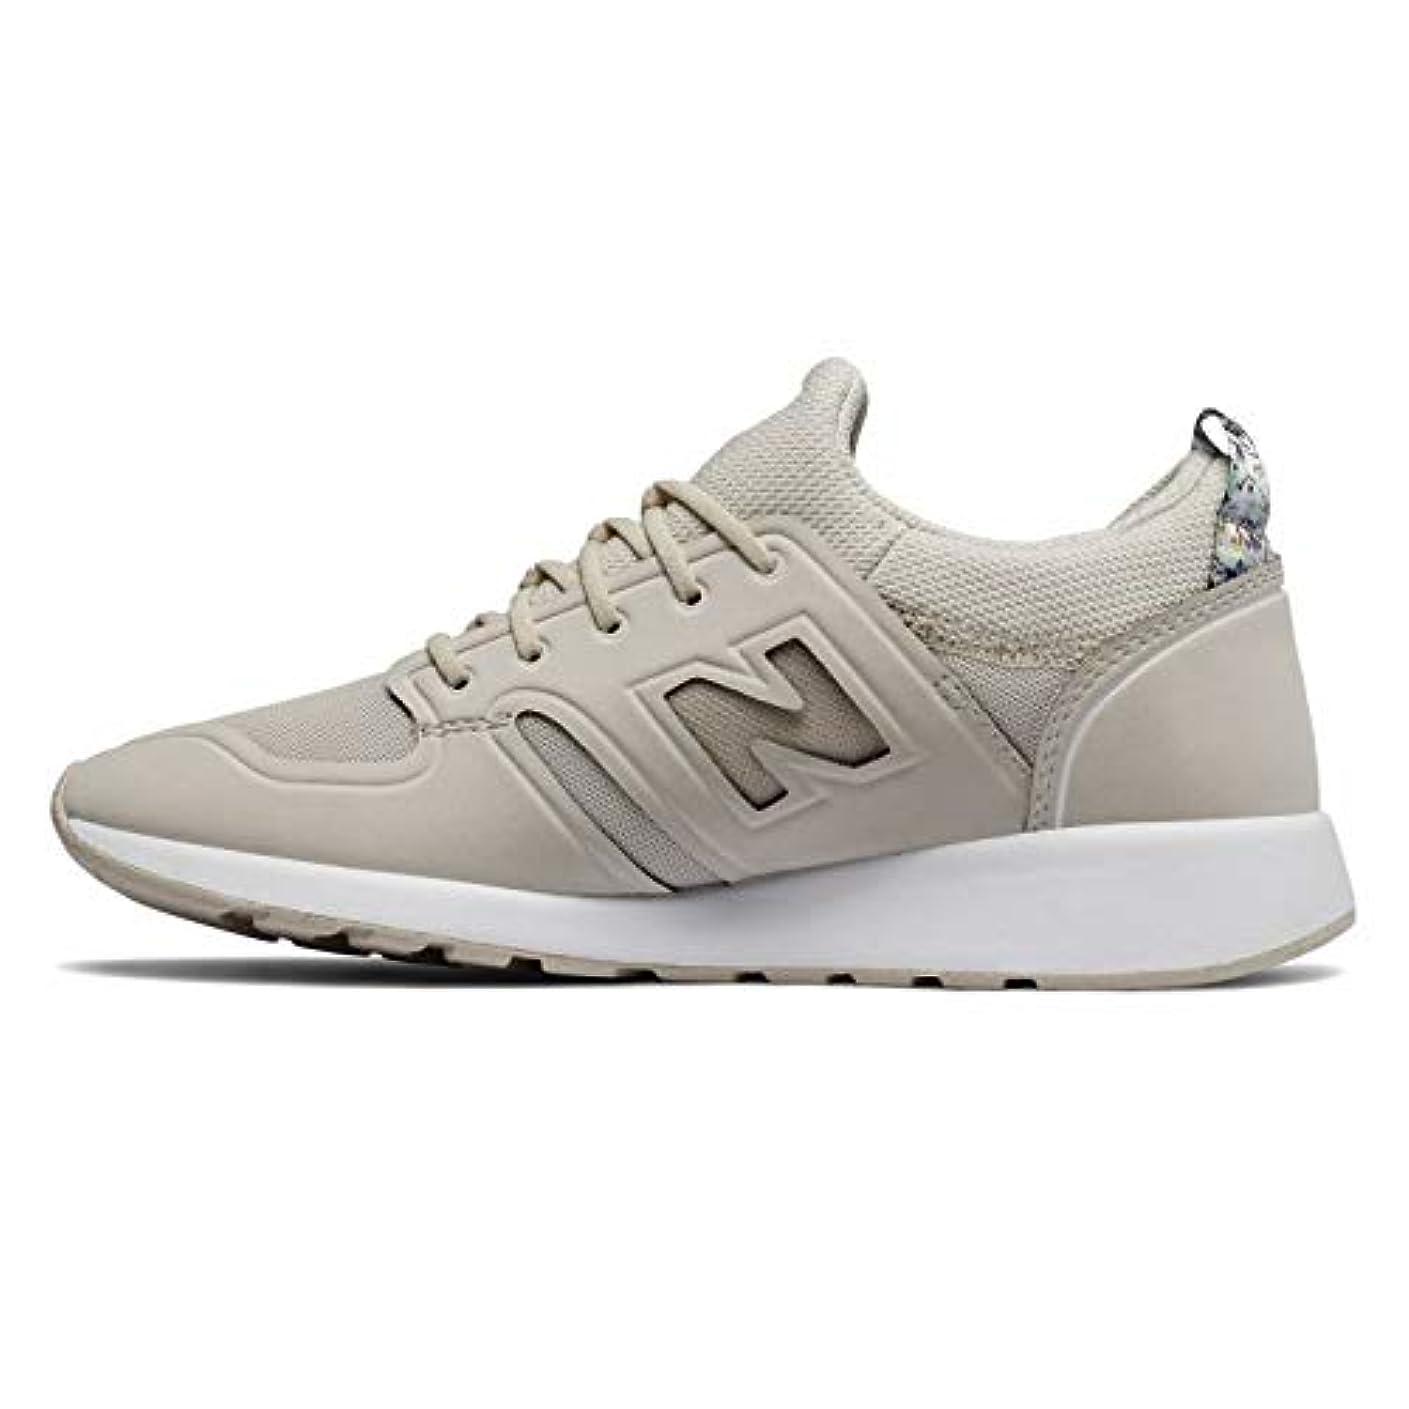 切り下げコントラストシティ[ニューバランス] Womens WRL420SN Low Top Bungee Running Sneaker [並行輸入品]